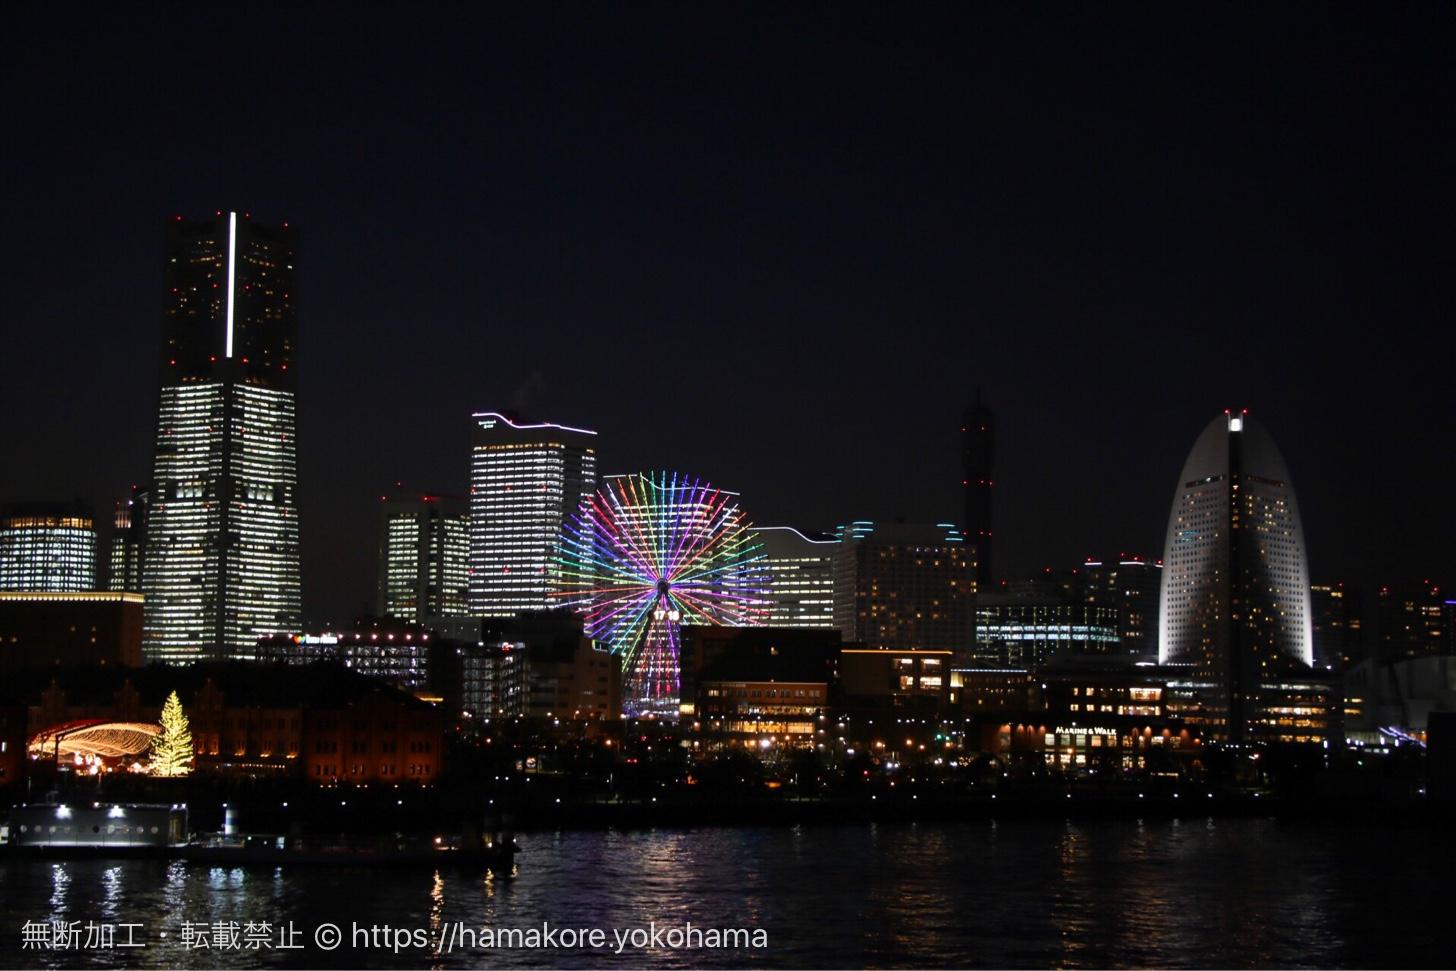 大さん橋から見た夜のTOWERS Milight